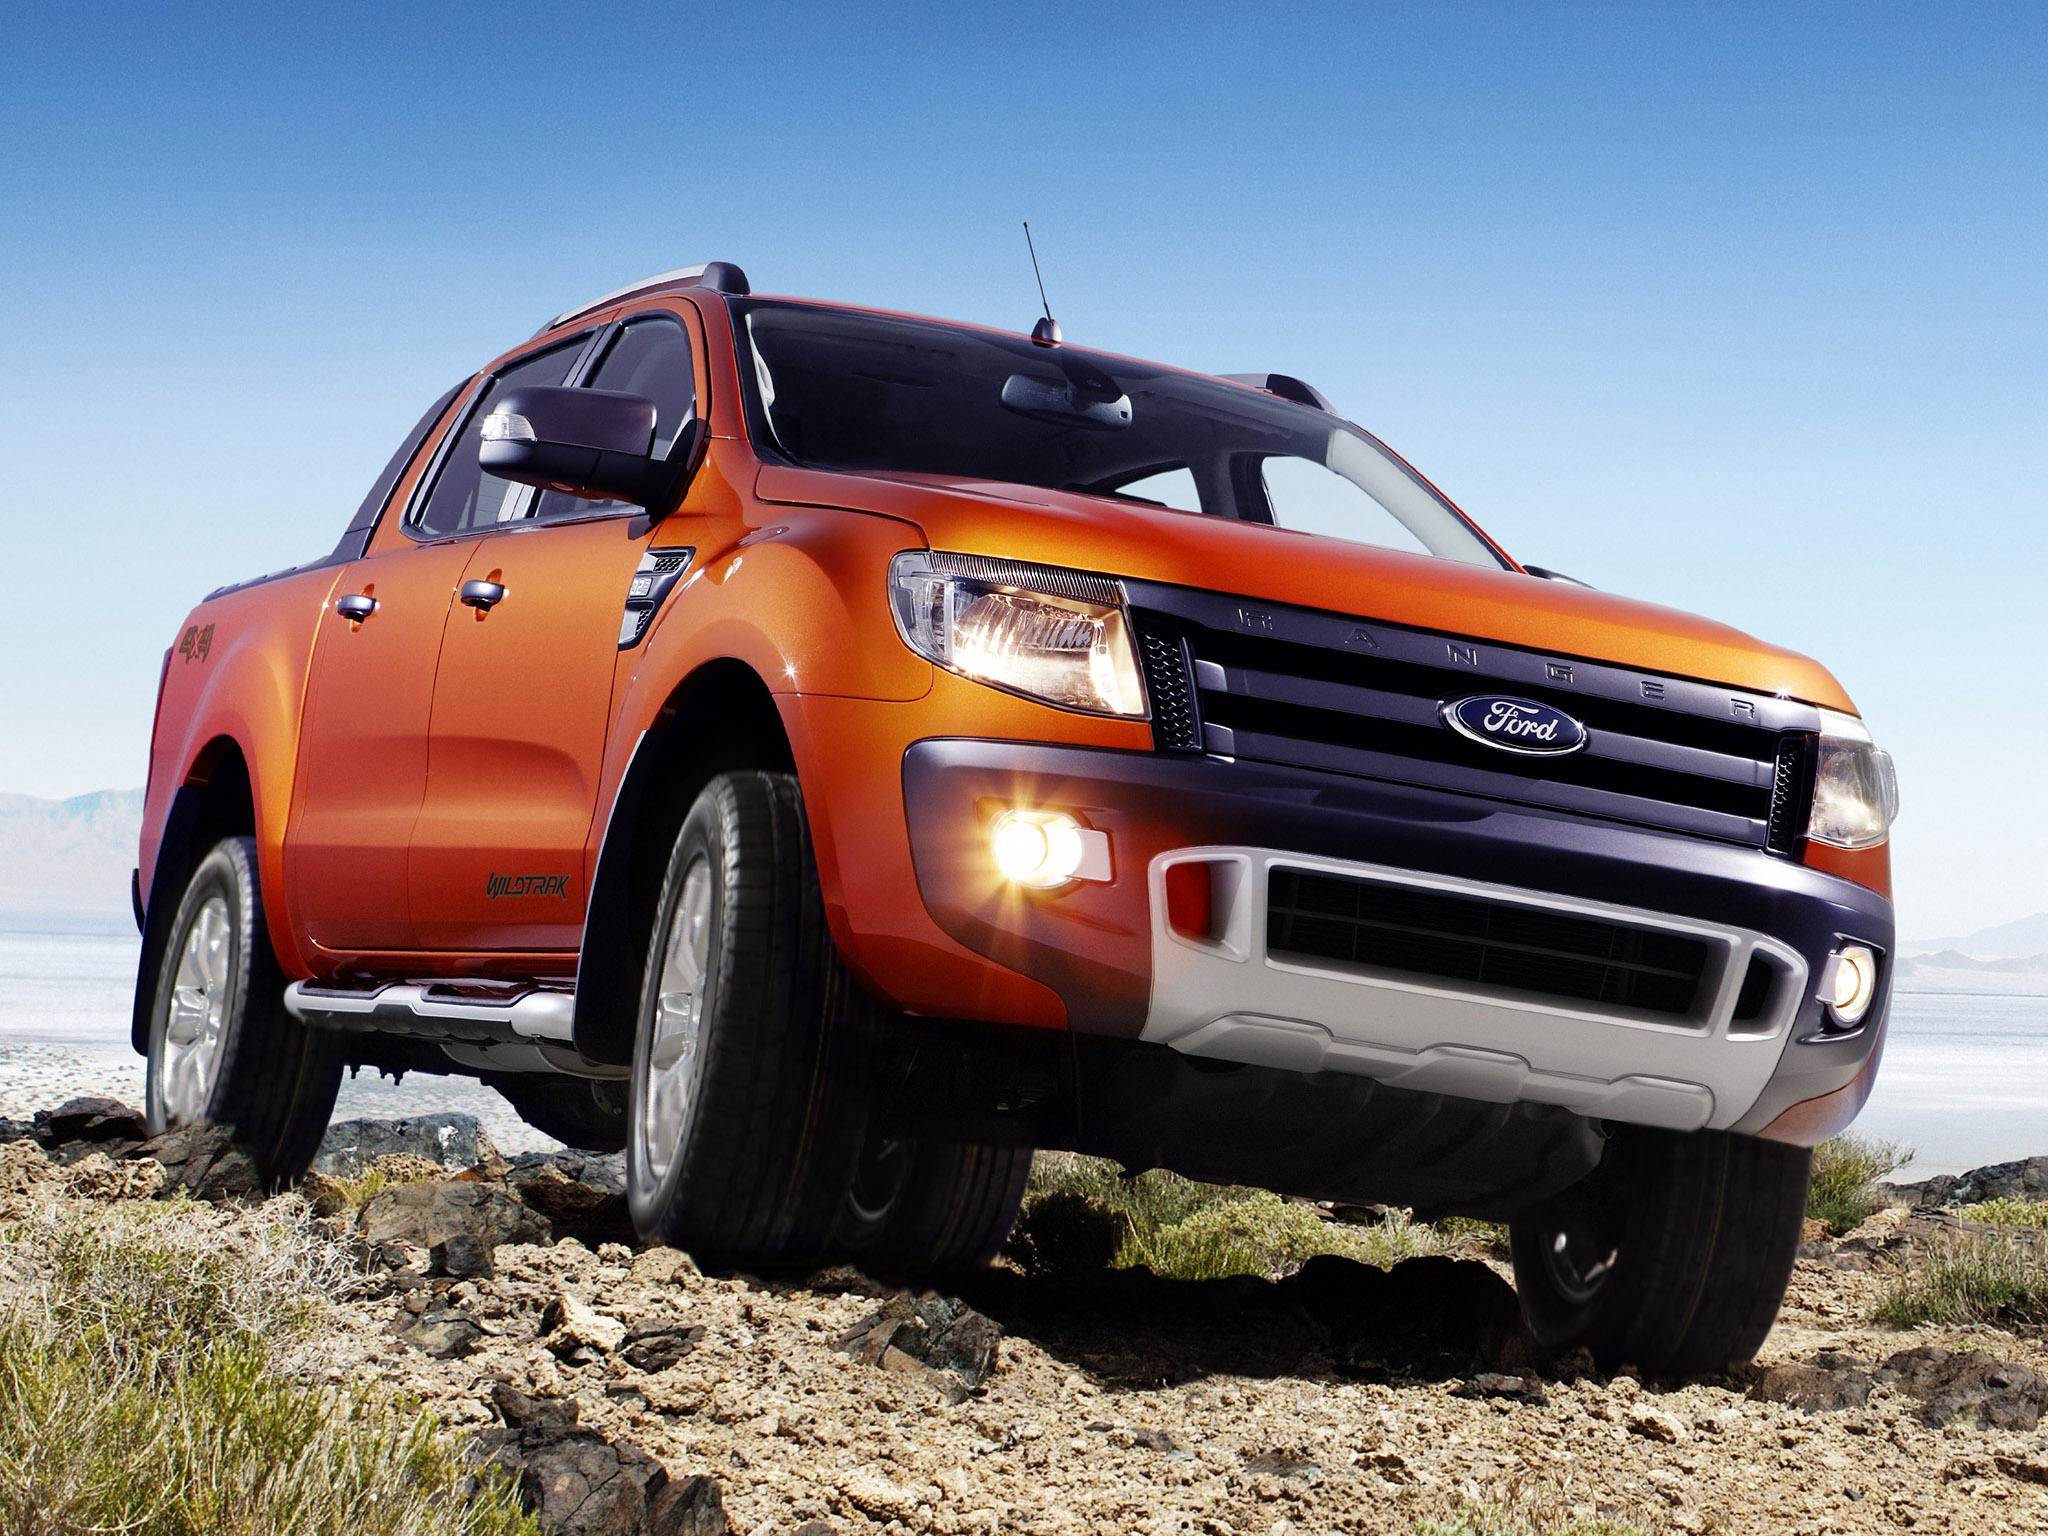 2012 Ford Ranger Wildtrak Truck G Wallpaper 2048x1536 109901